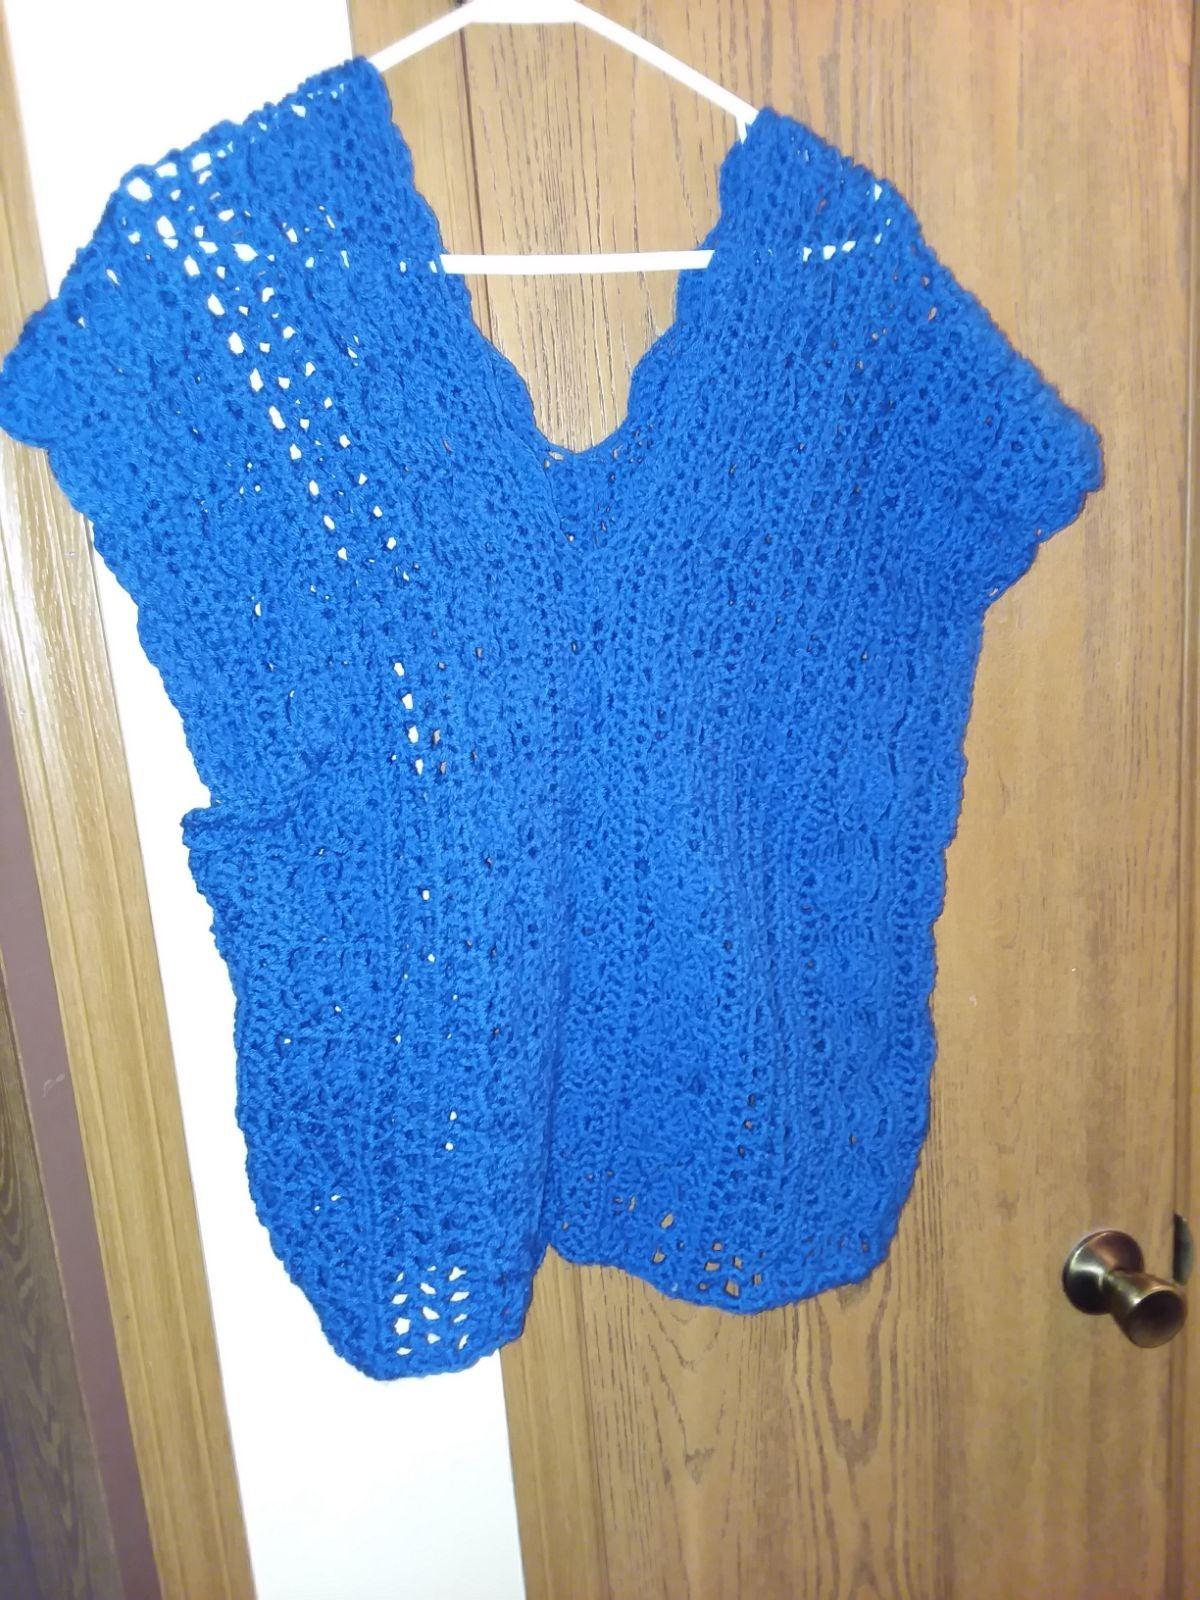 Hand crocheted vest